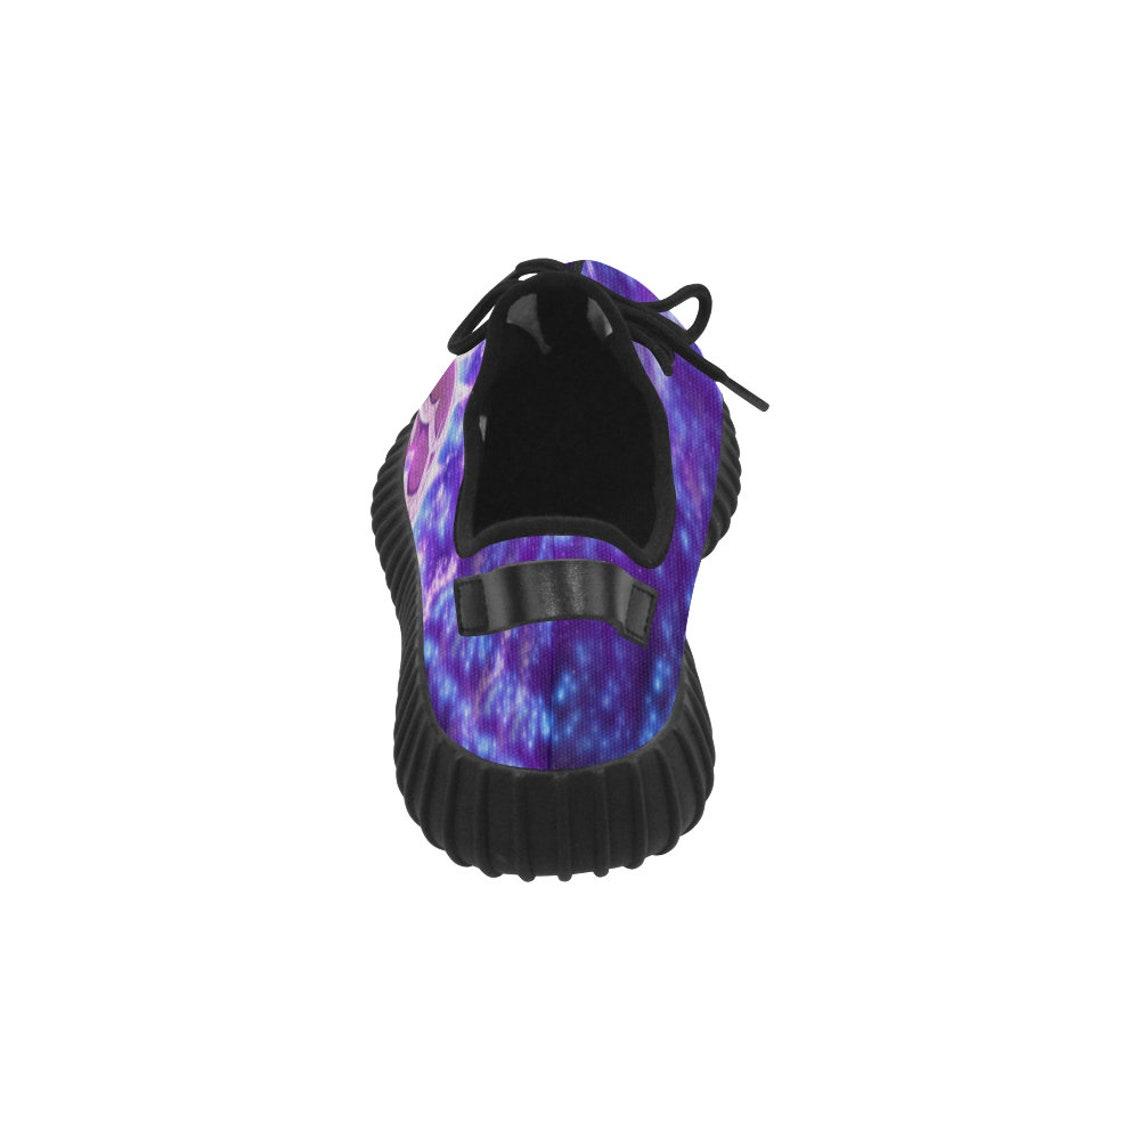 Dragonball Z Sneaker Shoes Yeezystyle Dbz Goku Son - Big Sale 9aDS6